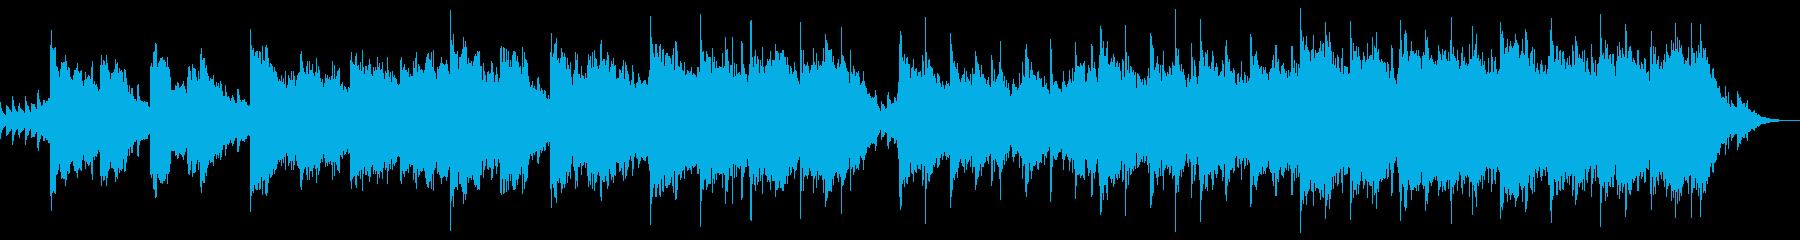 現代的 交響曲 アンビエント ドラ...の再生済みの波形